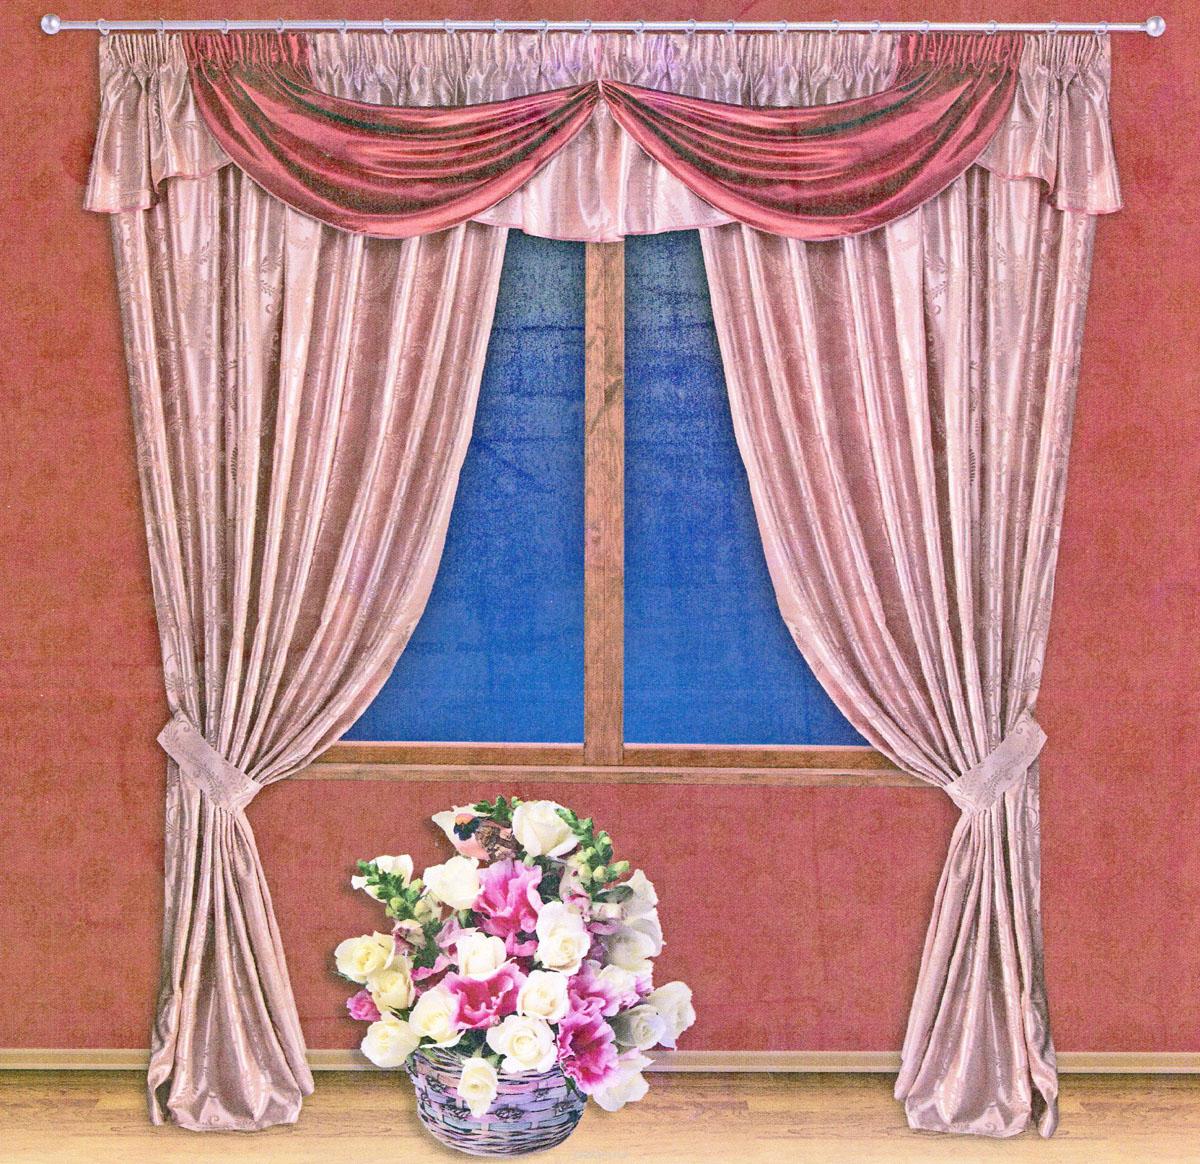 Комплект штор Zlata Korunka, на ленте, цвет: красный, бледно-розовый, высота 250 см. 5551255512Роскошный комплект штор Zlata Korunka, выполненный из ткани шанзализе, сатина и жаккарда (100% полиэстера), великолепно украсит любое окно. Комплект состоит из двух портьер, ламбрекена и двух подхватов. Плотная ткань, оригинальный орнамент и приятная, приглушенная гамма привлекут к себе внимание и органично впишутся в интерьер помещения. Комплект крепится на карниз при помощи шторной ленты, которая поможет красиво и равномерно задрапировать верх. Портьеры можно зафиксировать в одном положении с помощью двух подхватов. Этот комплект будет долгое время радовать вас и вашу семью! В комплект входит: Портьера: 2 шт. Размер (ШхВ): 200 см х 250 см. Ламбрекен: 1 шт. Размер (ШхВ): 450 см х 50 см. Подхват: 2 шт. Размер (ШхВ): 60 см х 10 см.